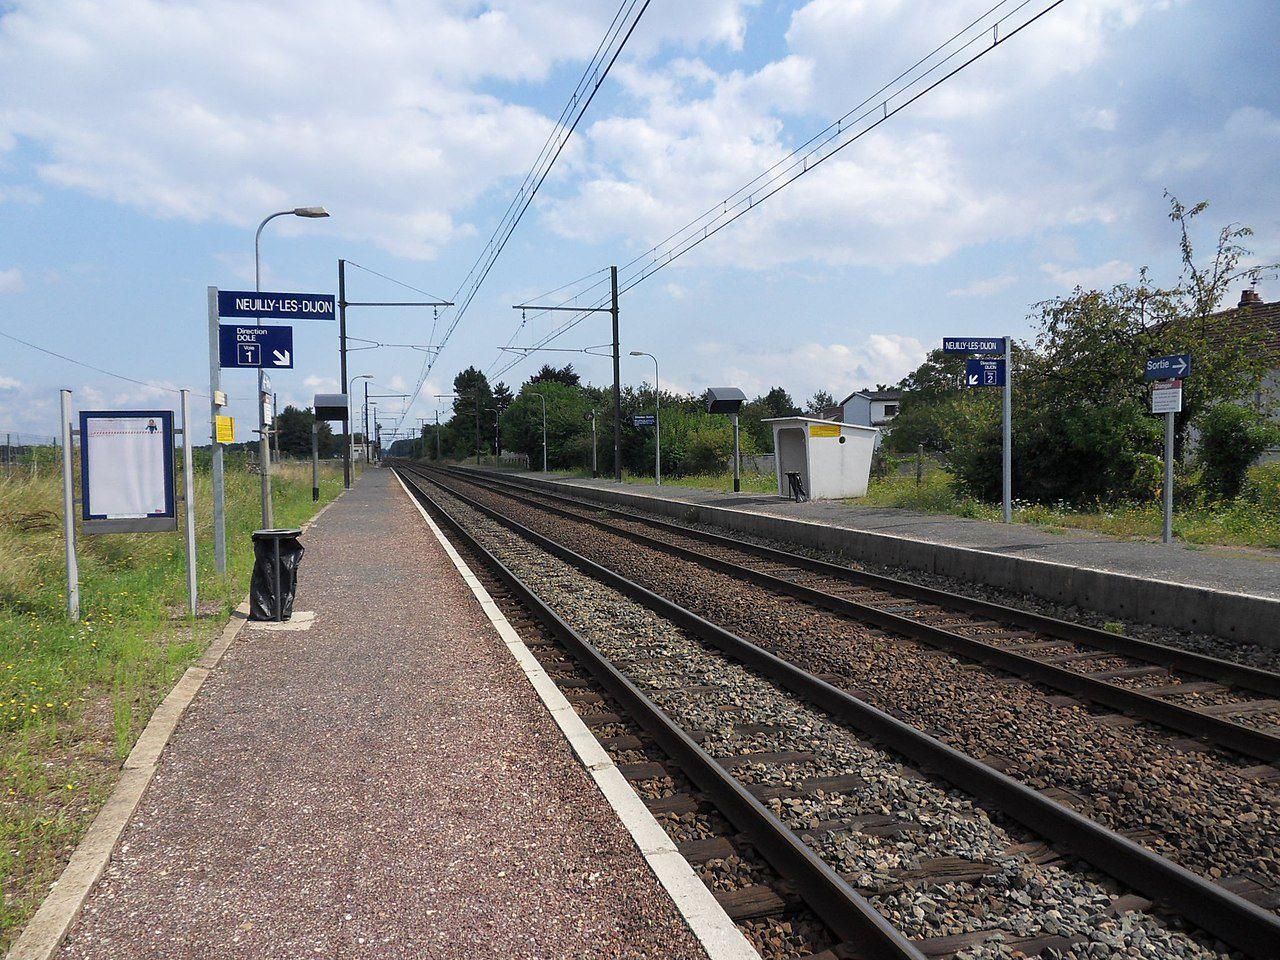 Gare de Neuilly-lès-Dijon (21)